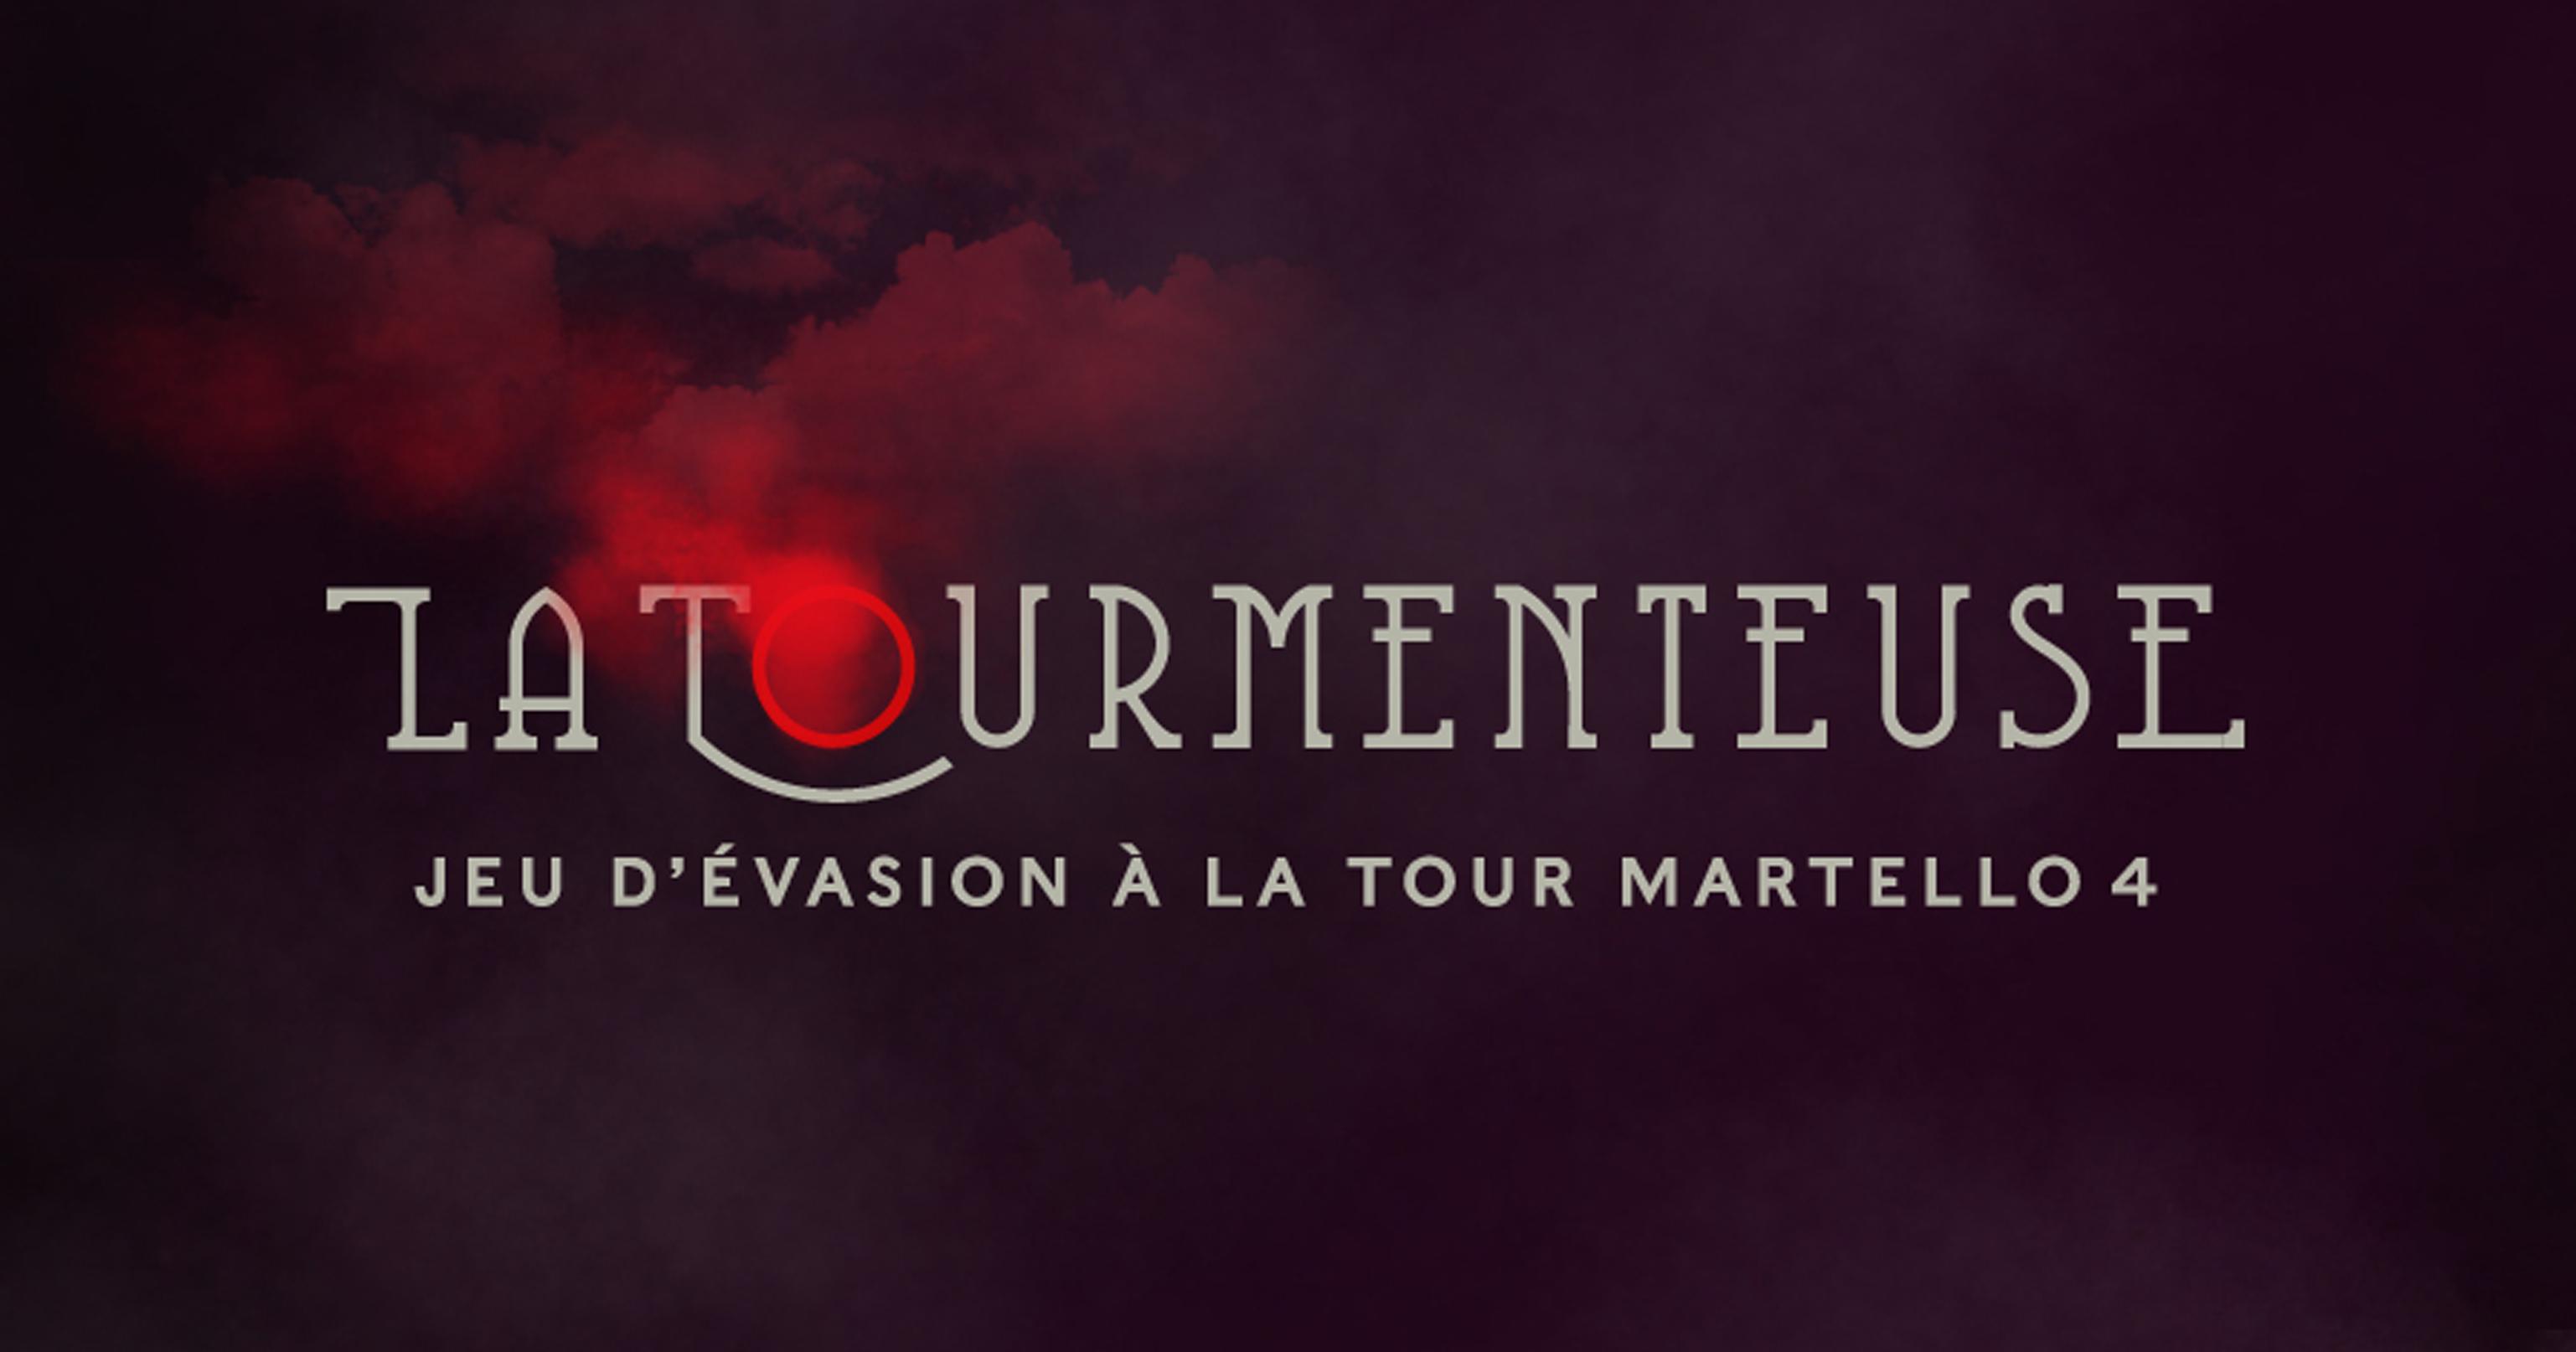 La Tourmenteuse -Jeu d'évasion à la tour Martello 4